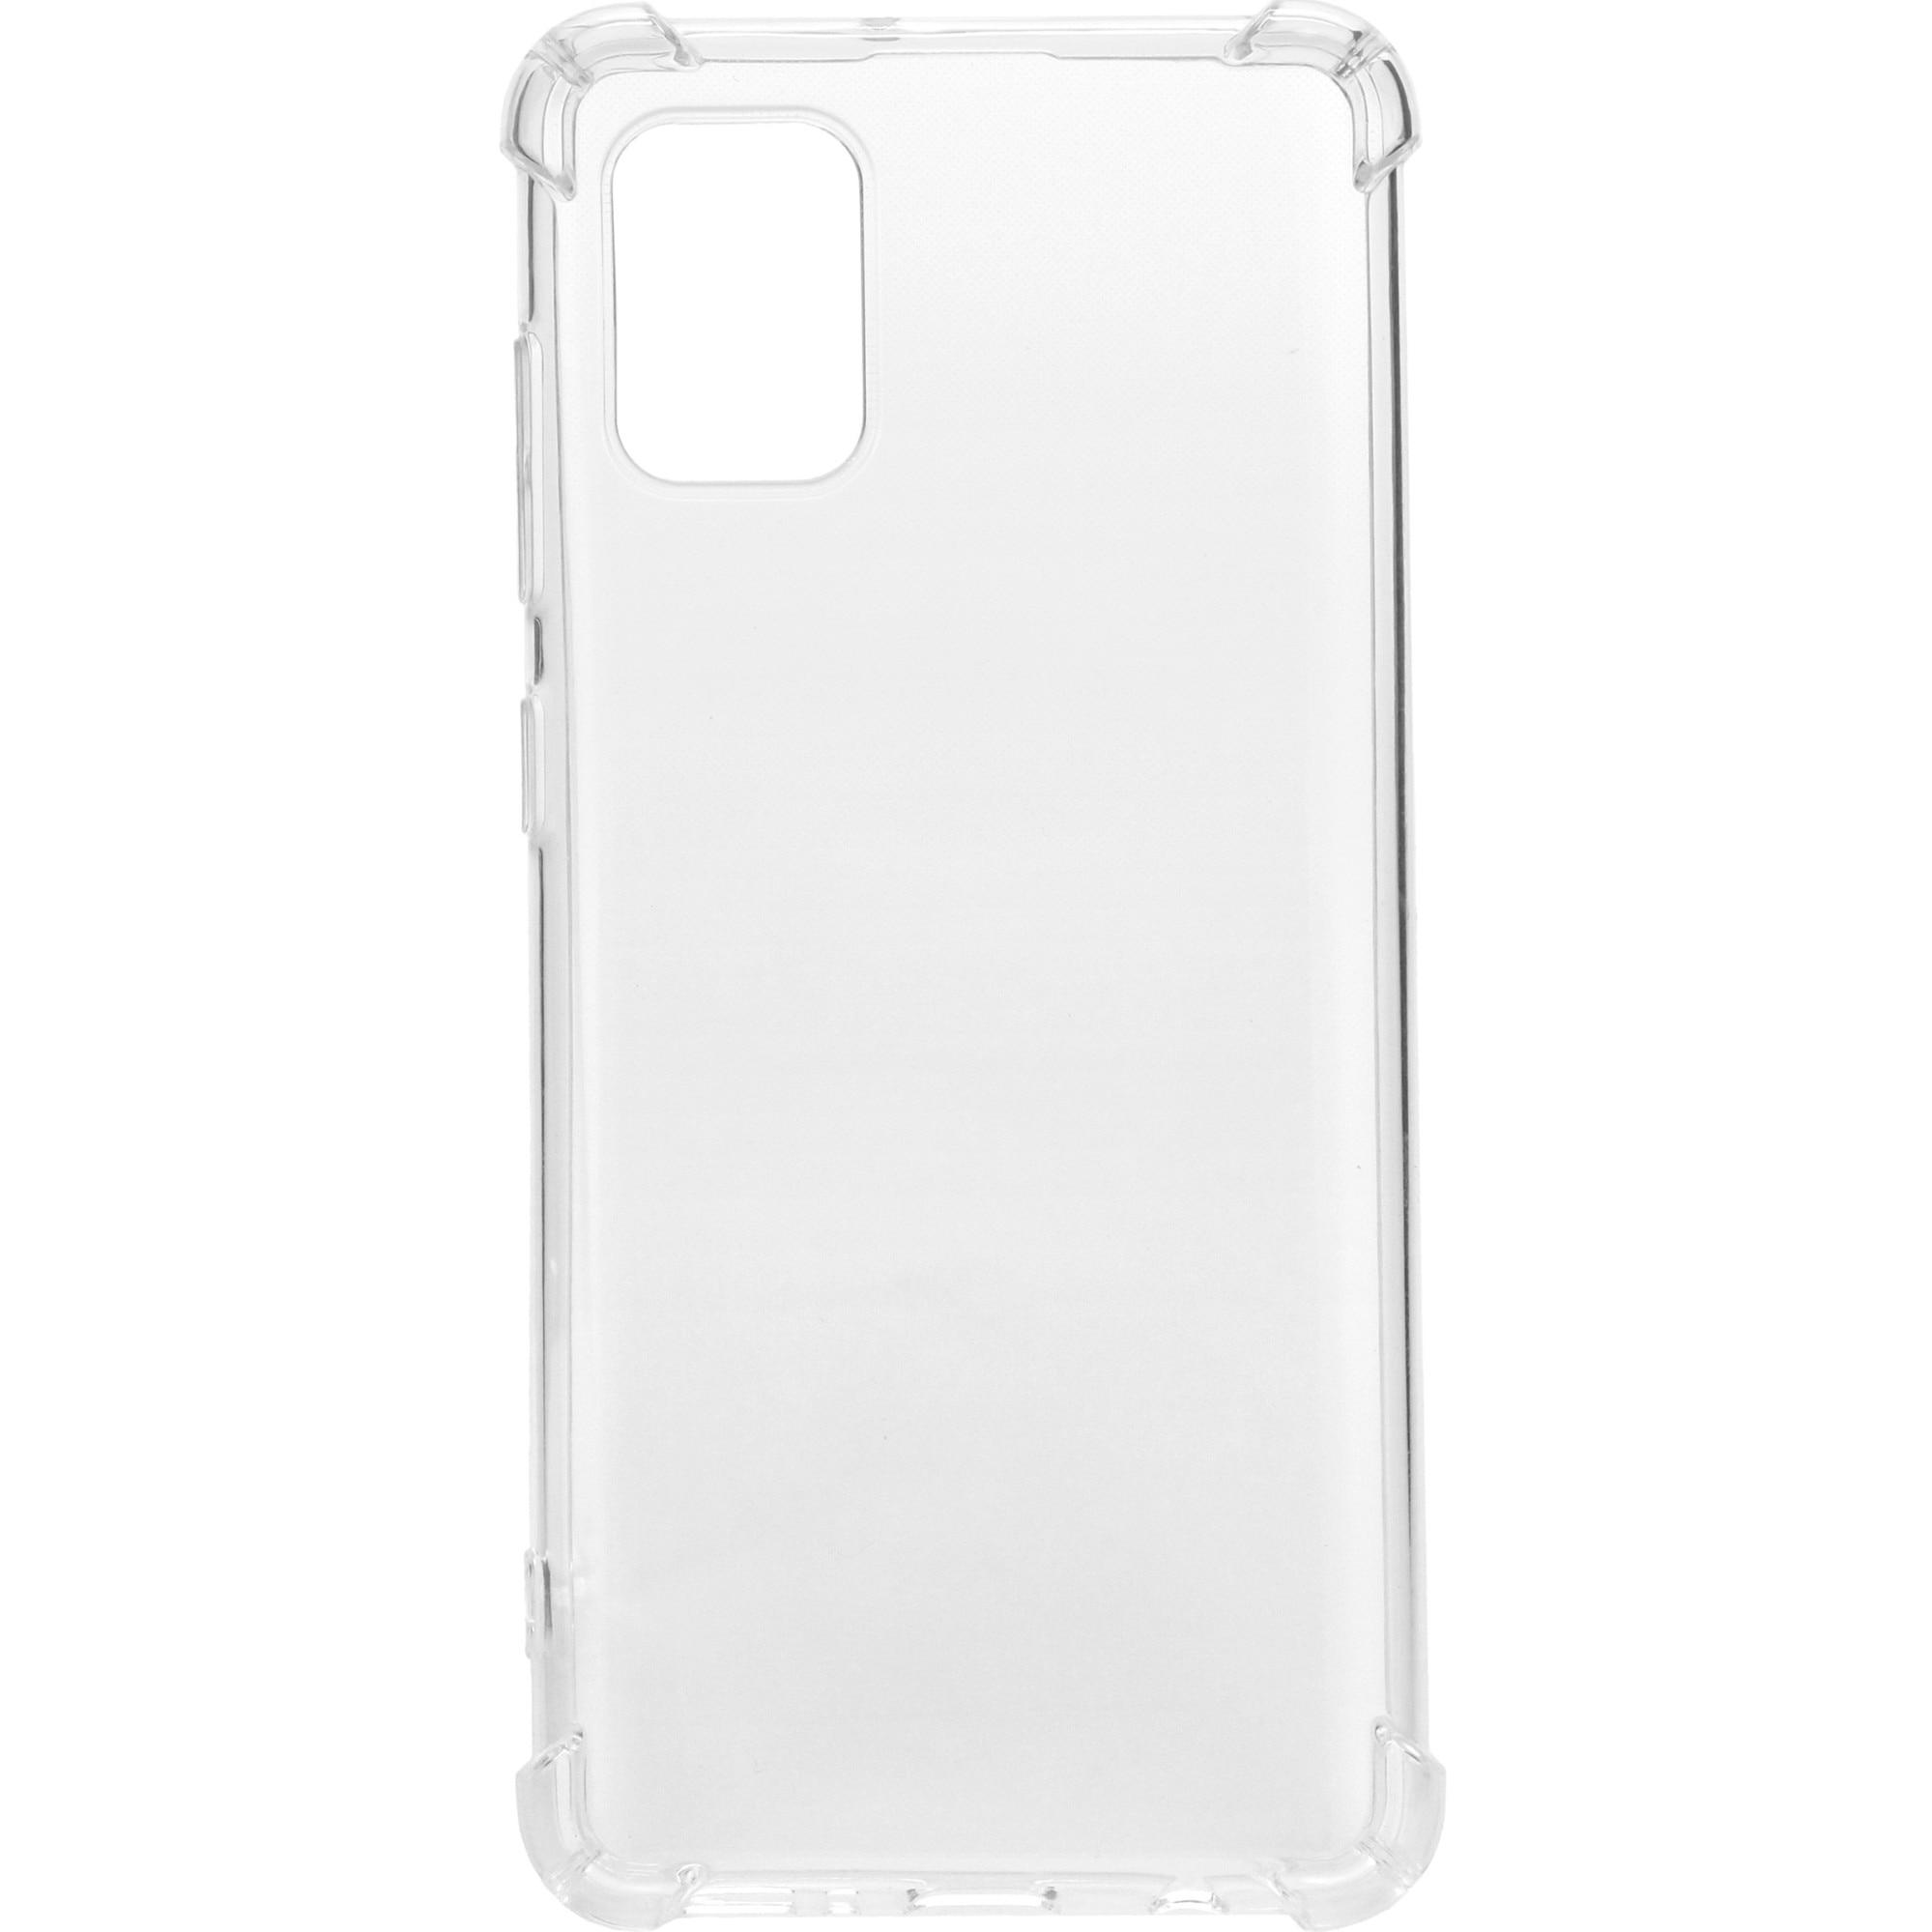 Fotografie Husa de protectie A+ Case Clear pentru Samsung A31